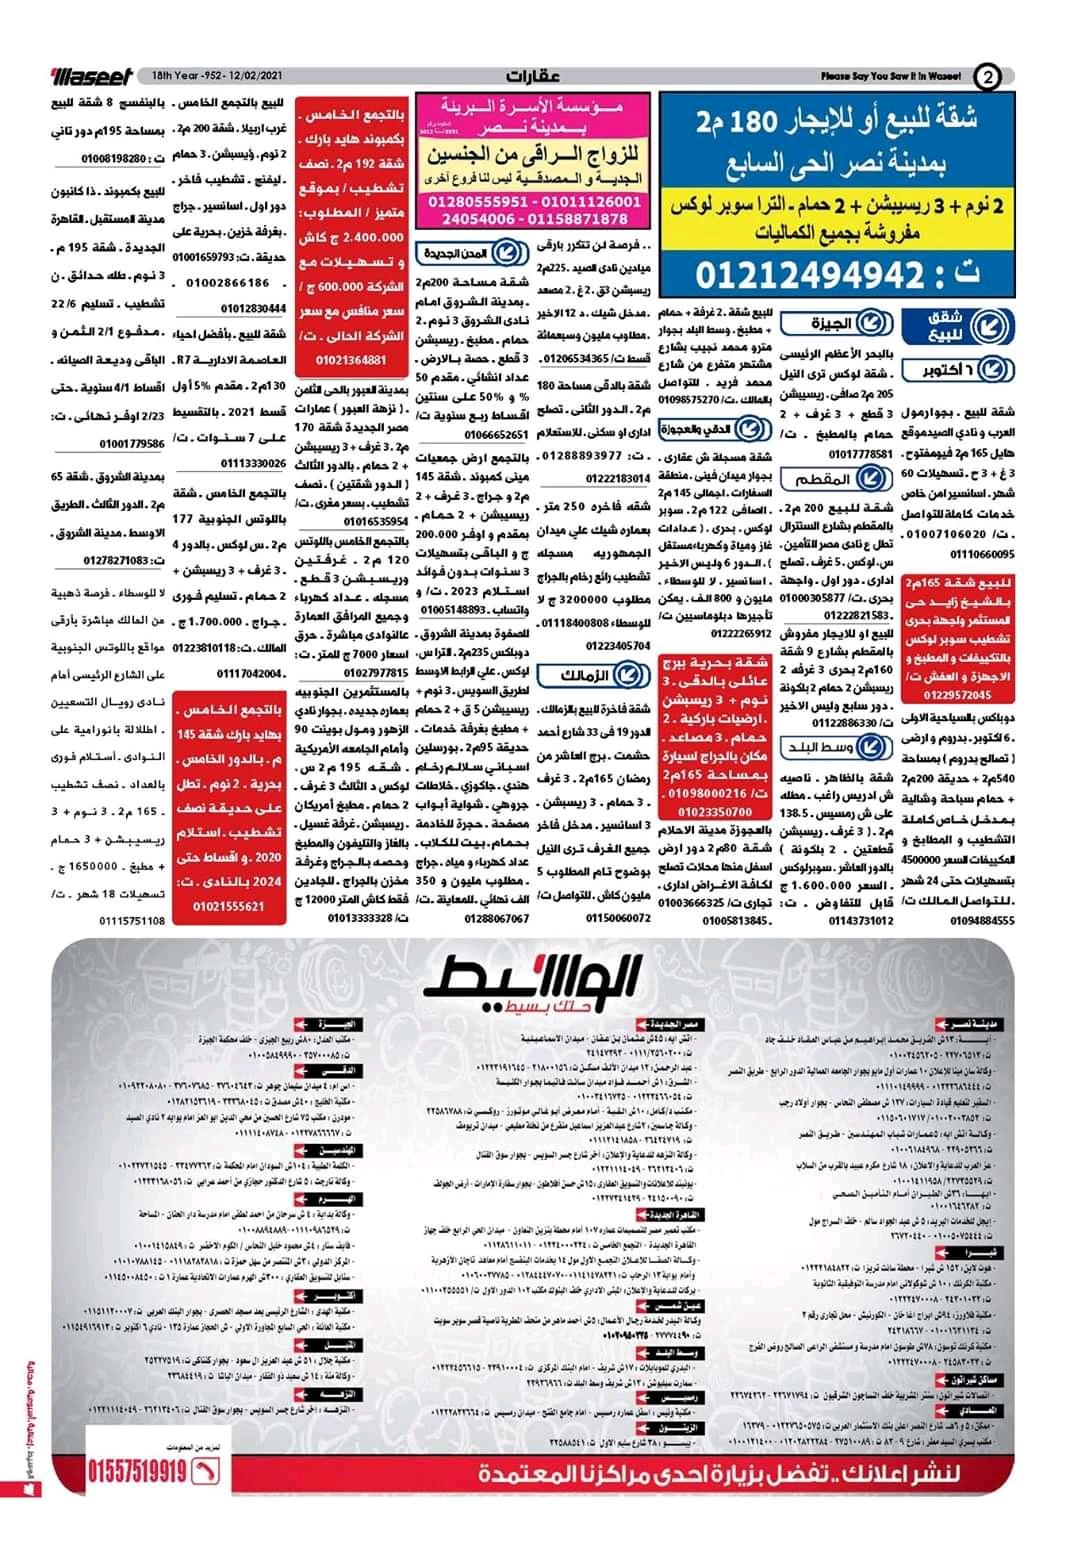 وظائف الوسيط و اعلانات مصر يوم الجمعة 12 فبراير 2021